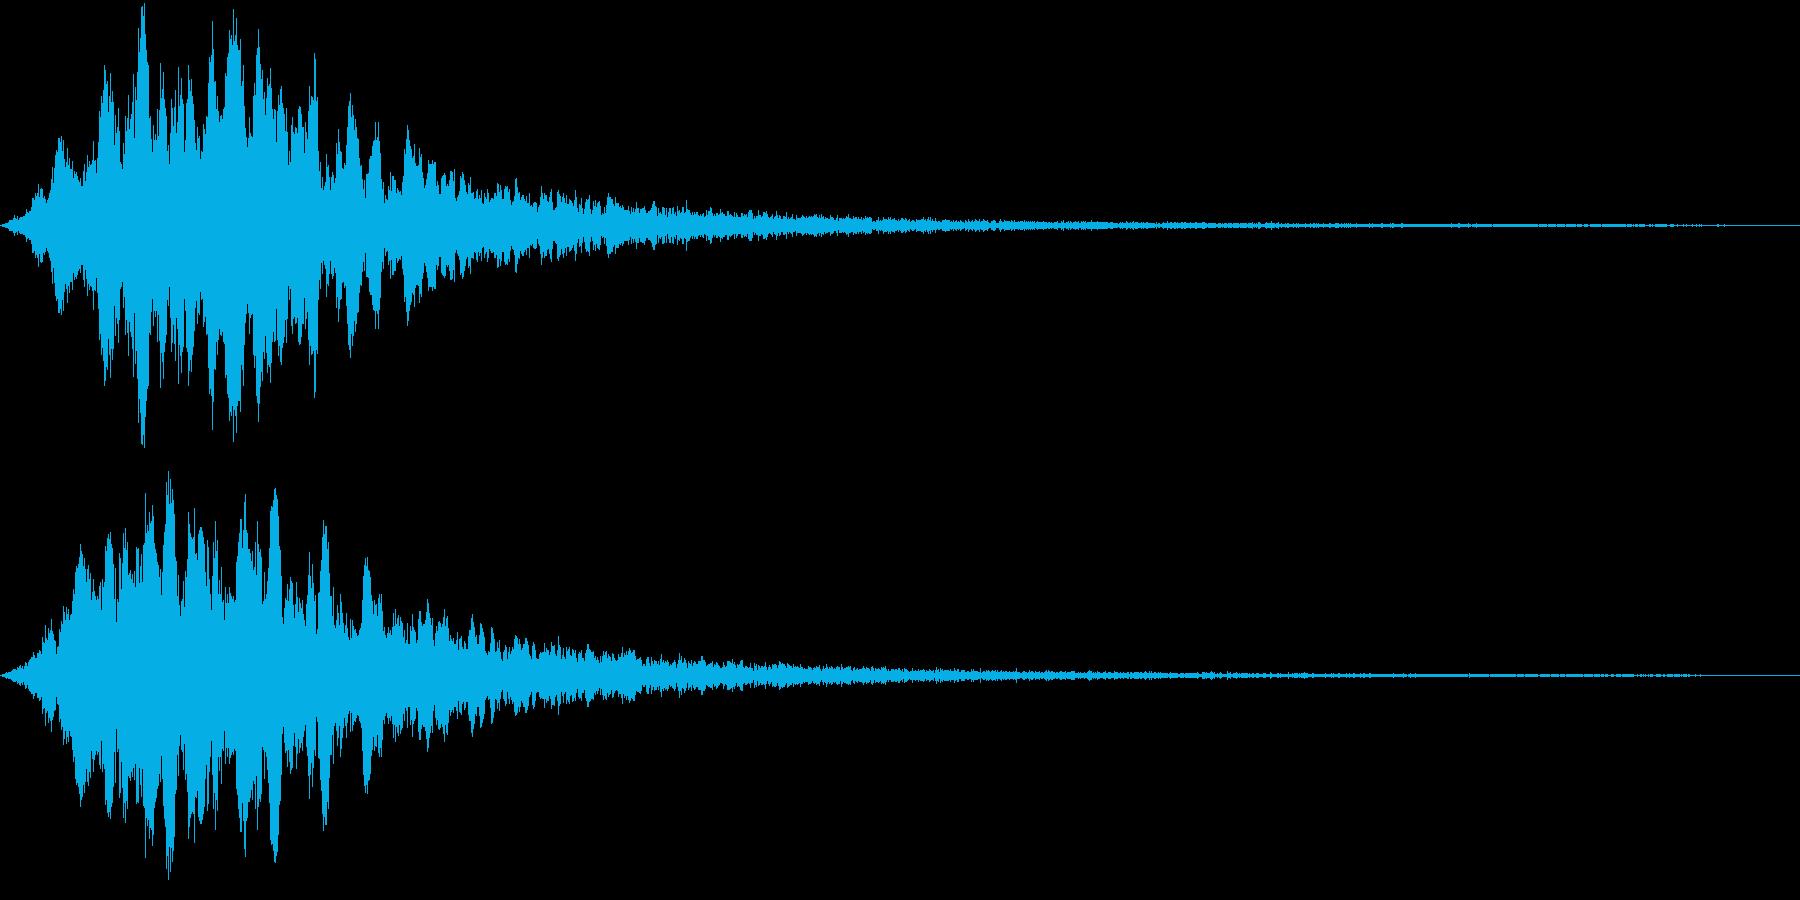 KAIDAN 怪談噺SE 踏切の音Mixの再生済みの波形